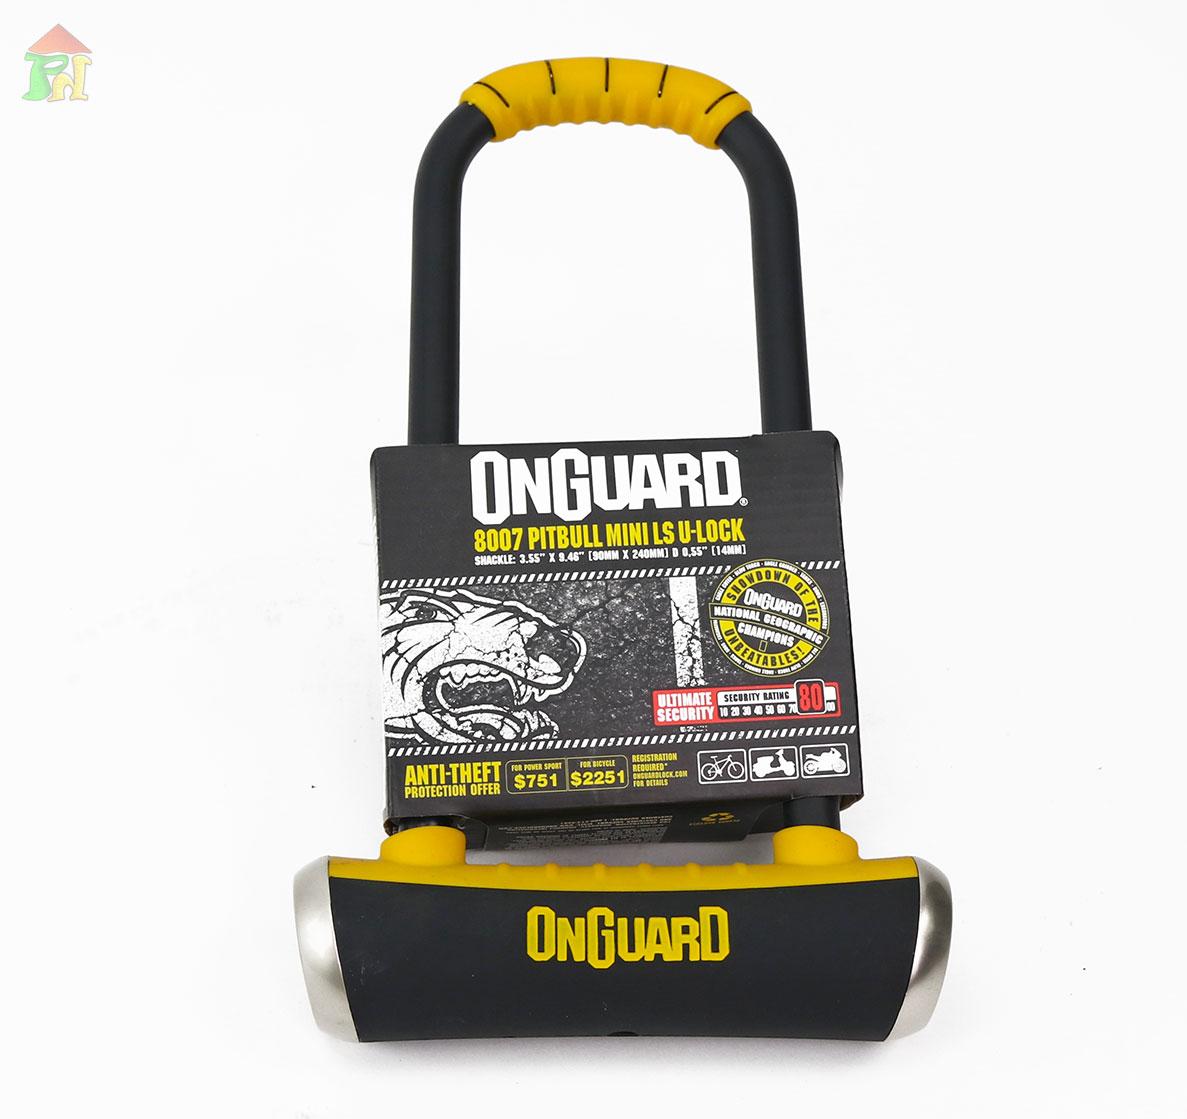 ONGUARD PITBULL LS 8007 U-LOCK